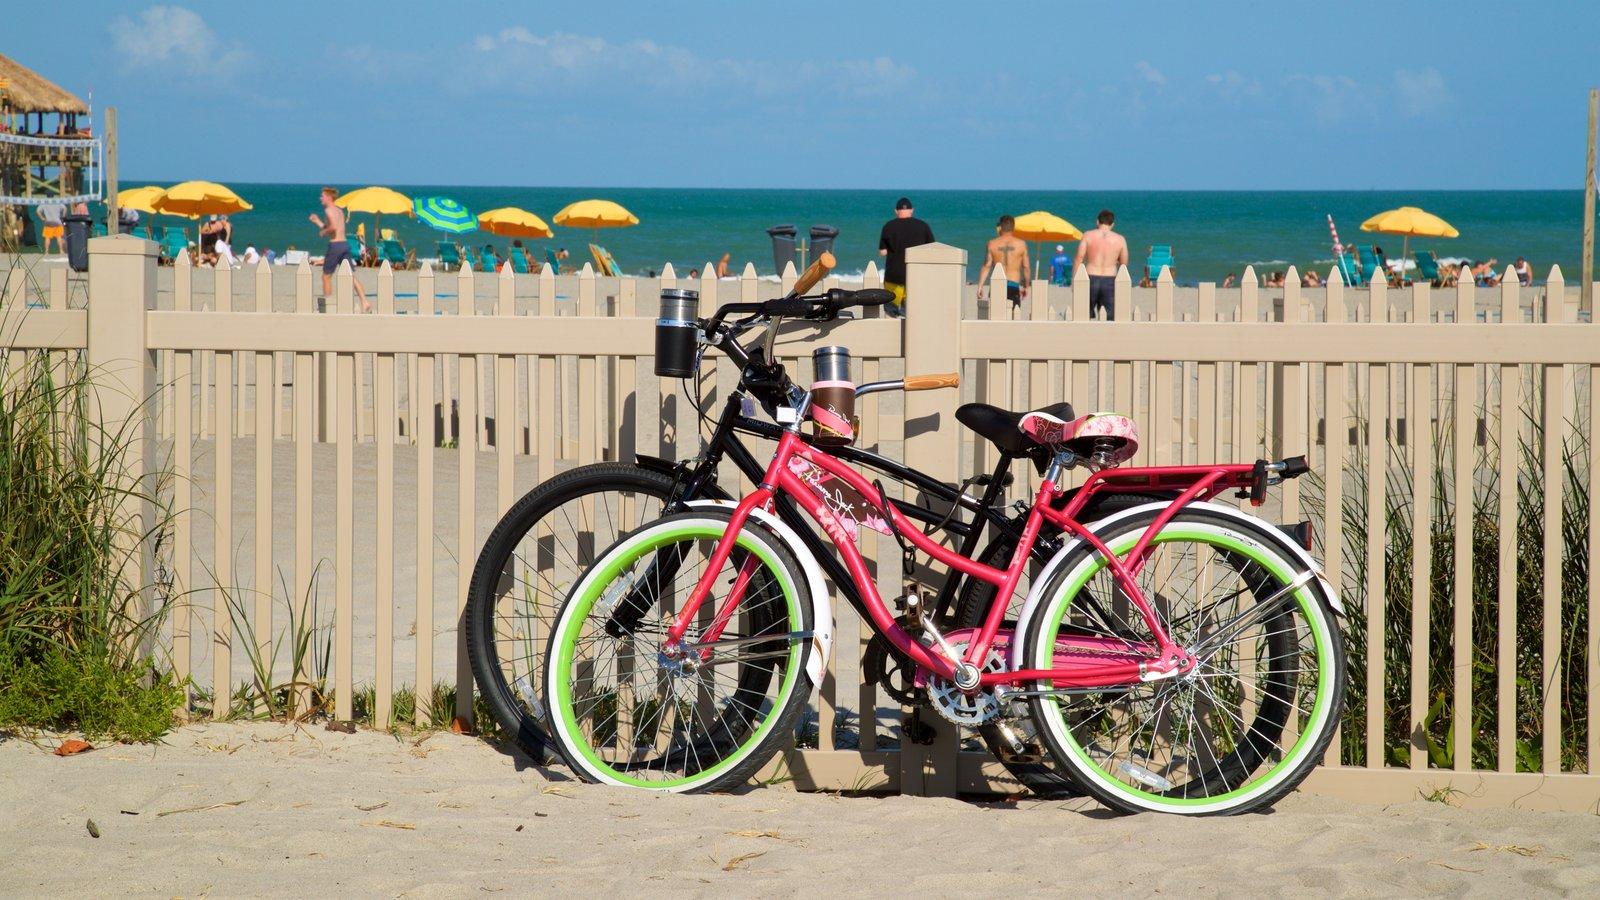 Cocoa Beach featuring a beach and general coastal views